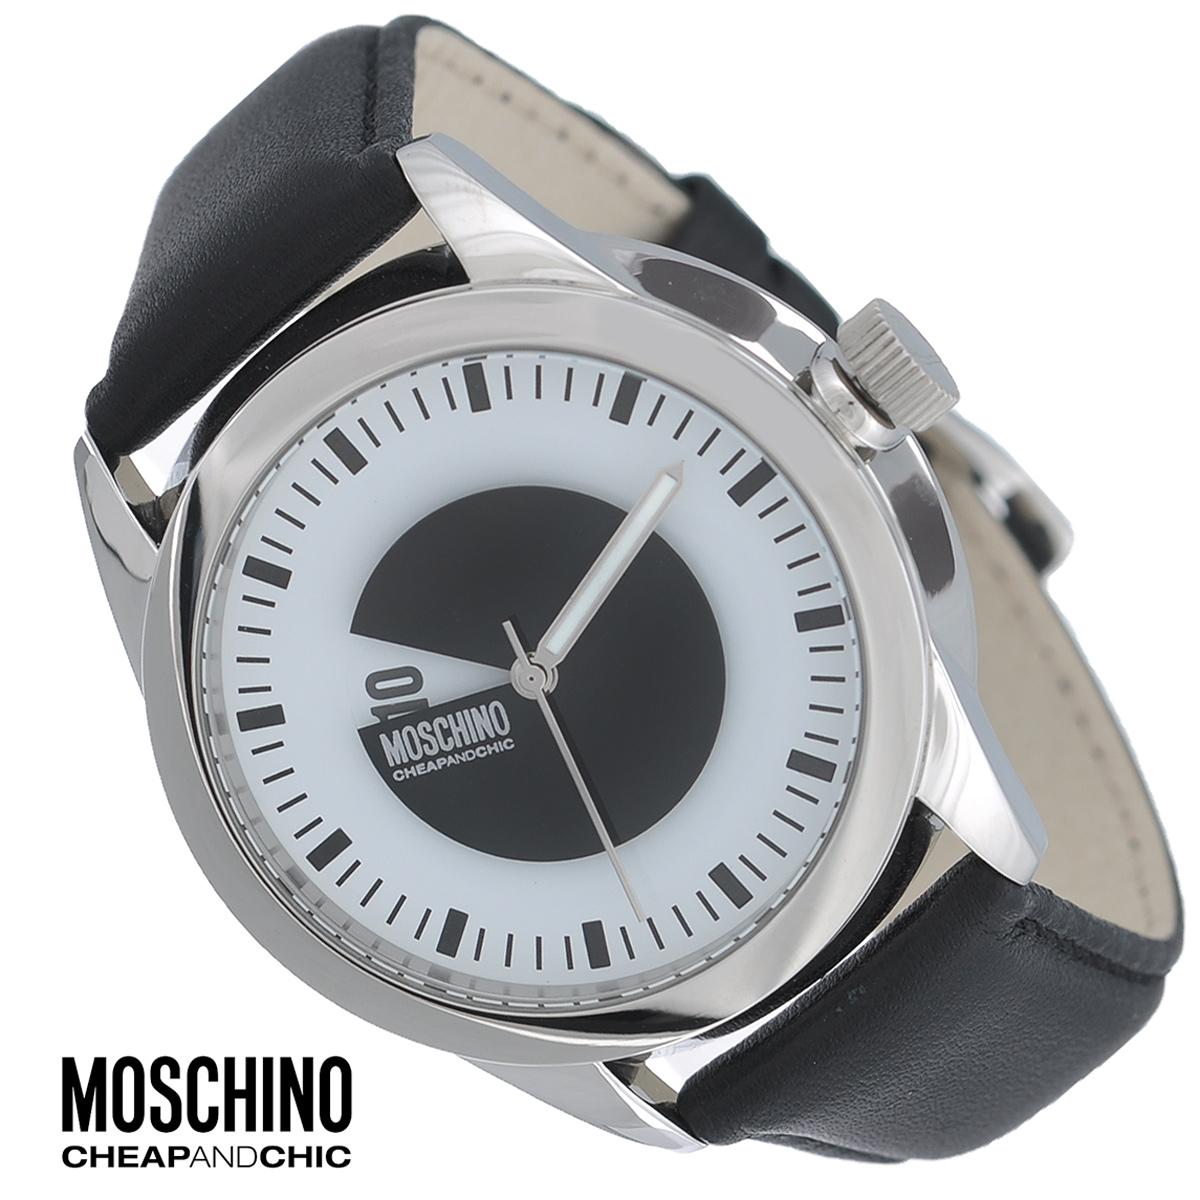 Часы наручные Moschino, цвет: серебристый, черный. MW0339MW0339Наручные часы от известного итальянского бренда Moschino - это не только стильный и функциональный аксессуар, но и современные технологи, сочетающиеся с экстравагантным дизайном и индивидуальностью. Часы Moschino лаконичного дизайна оснащены кварцевым механизмом. Корпус выполнен из высококачественной нержавеющей стали. Циферблат с арабскими цифрами и отметками защищен минеральным стеклом. Часы имеют две стрелки - часовую и минутную. Ремешок часов выполнен из натуральной кожи и оснащен классической застежкой. Часы упакованы в фирменную металлическую коробку с логотипом бренда. Часы Moschino благодаря своему уникальному дизайну отличаются от часов других марок своеобразными циферблатами, функциональностью, а также набором уникальных технических свойств. Каждой модели присуща легкая экстравагантность, самобытность и, безусловно, великолепный вкус. Характеристики: Диаметр циферблата: 3,5 см. Размер корпуса: 3,9 см х 3,9 см х...